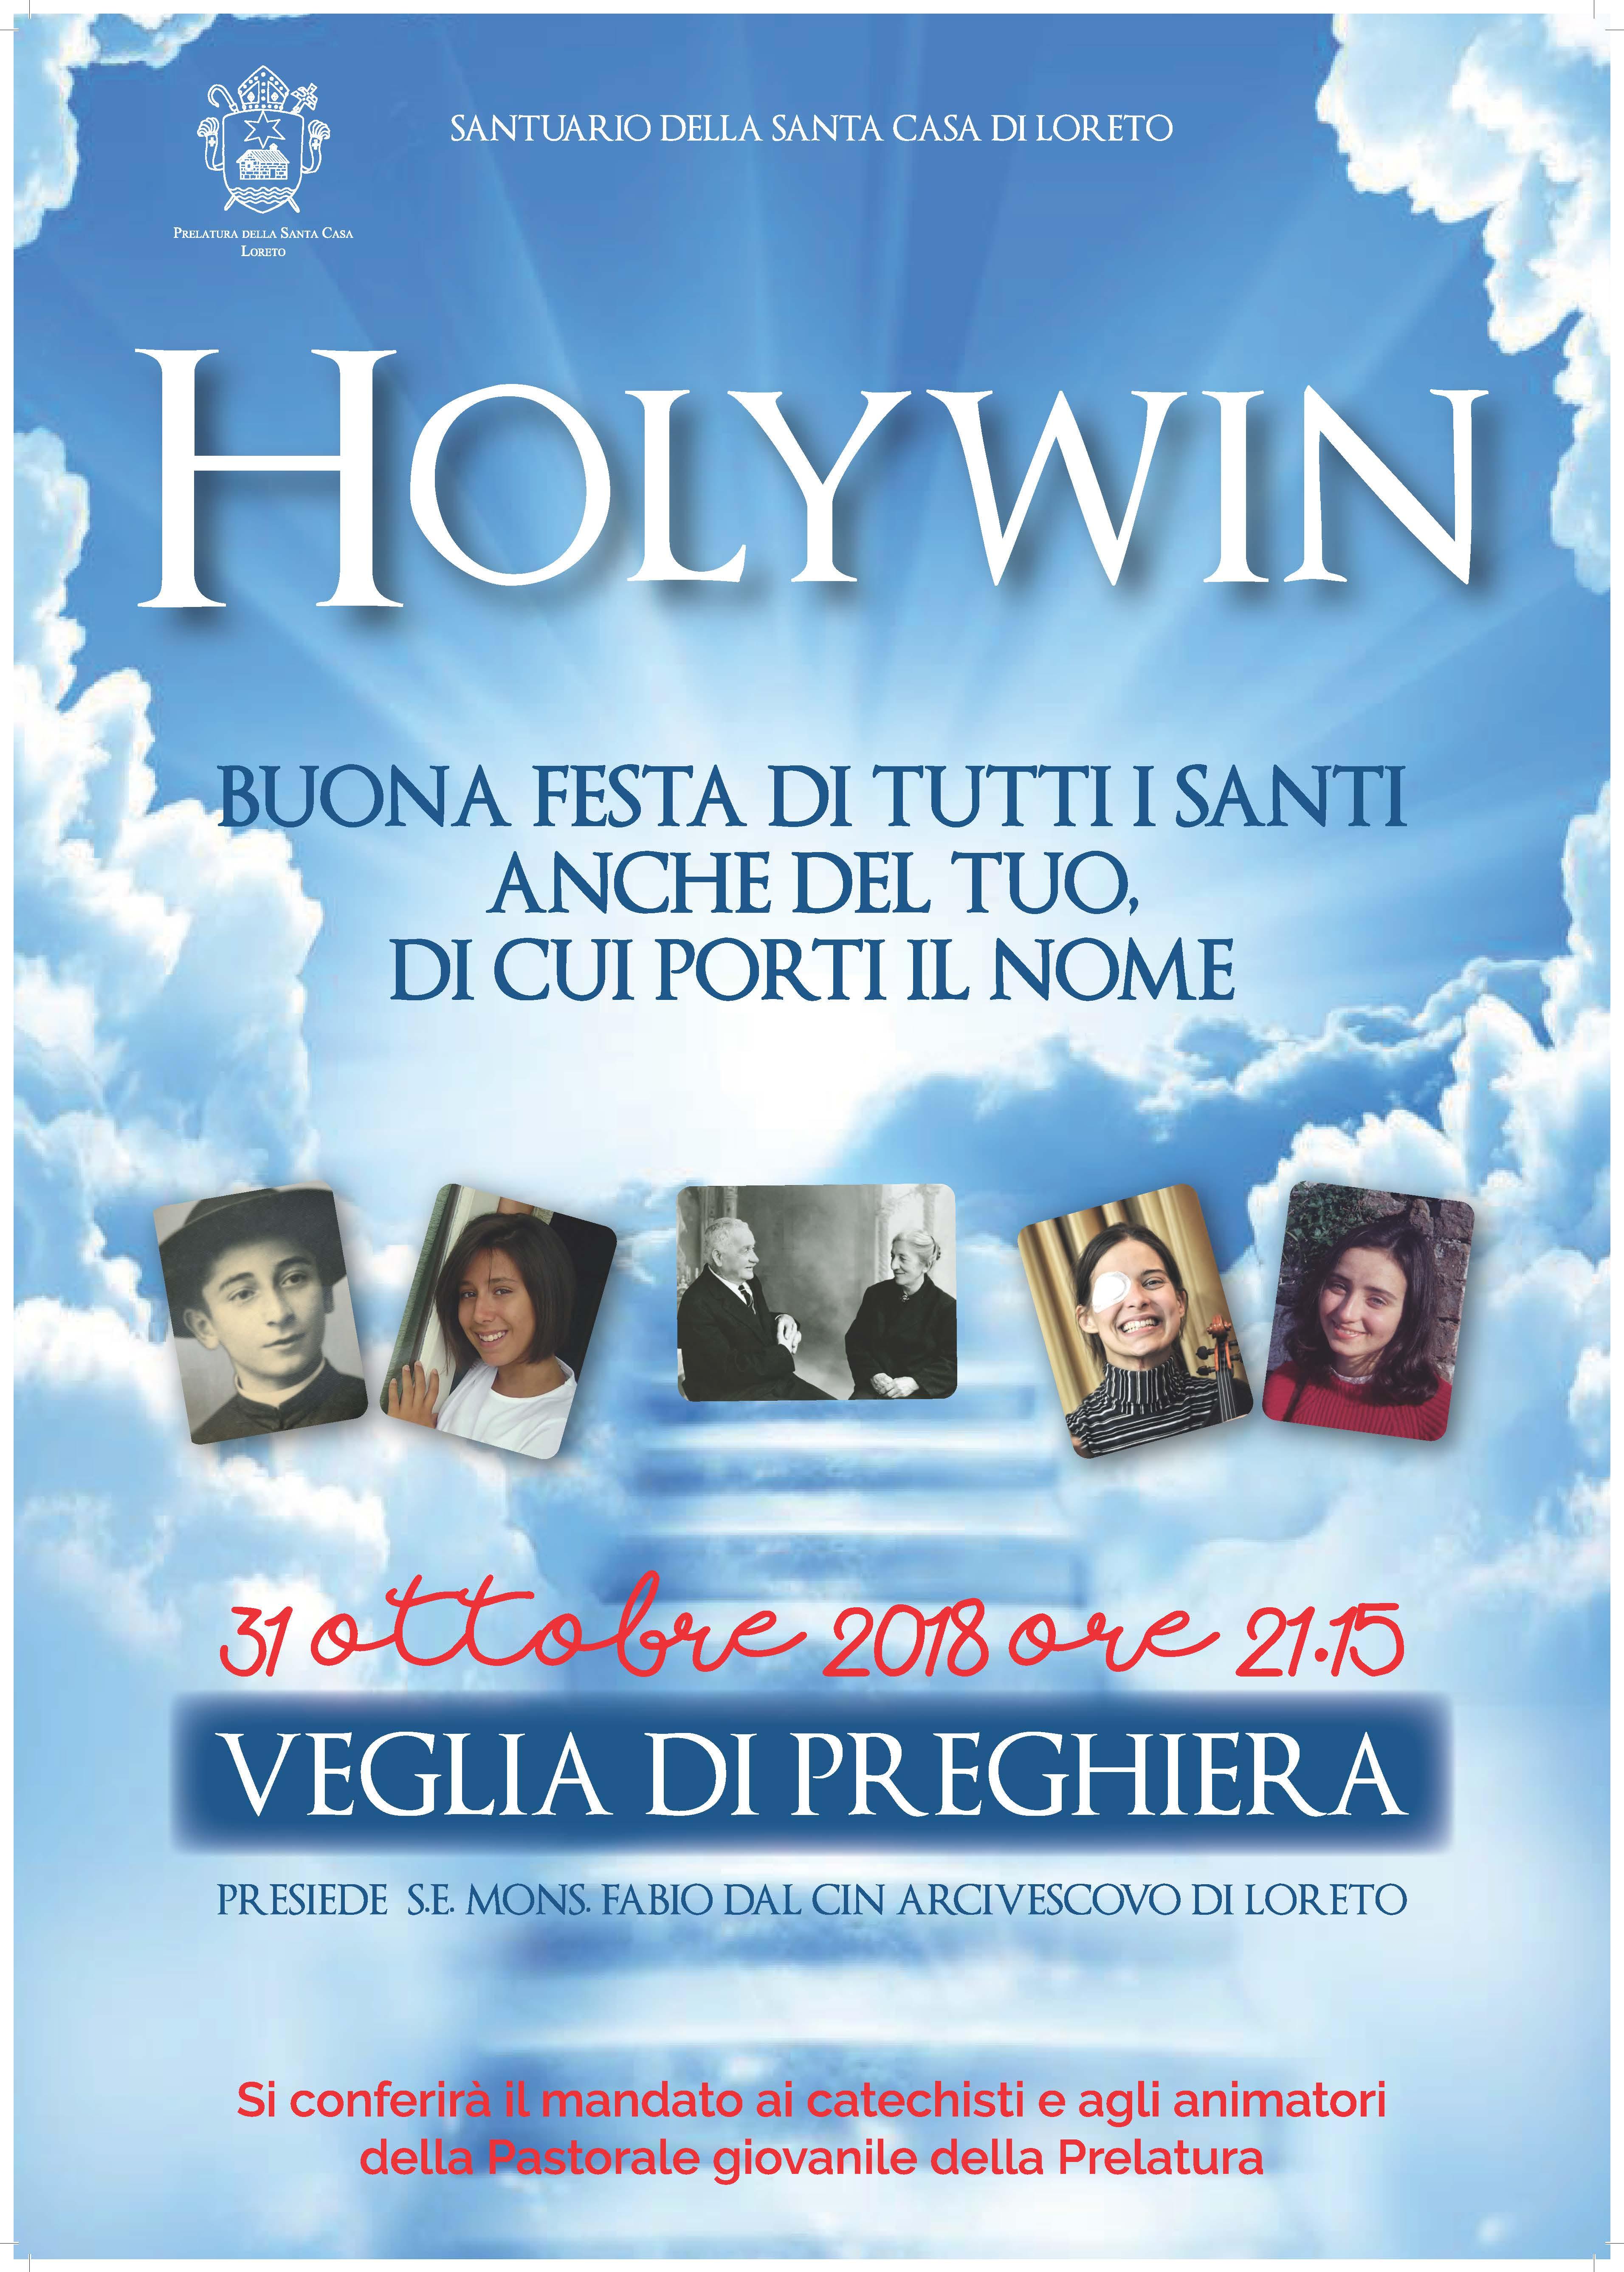 A3 HOLYWIN_STAMPA